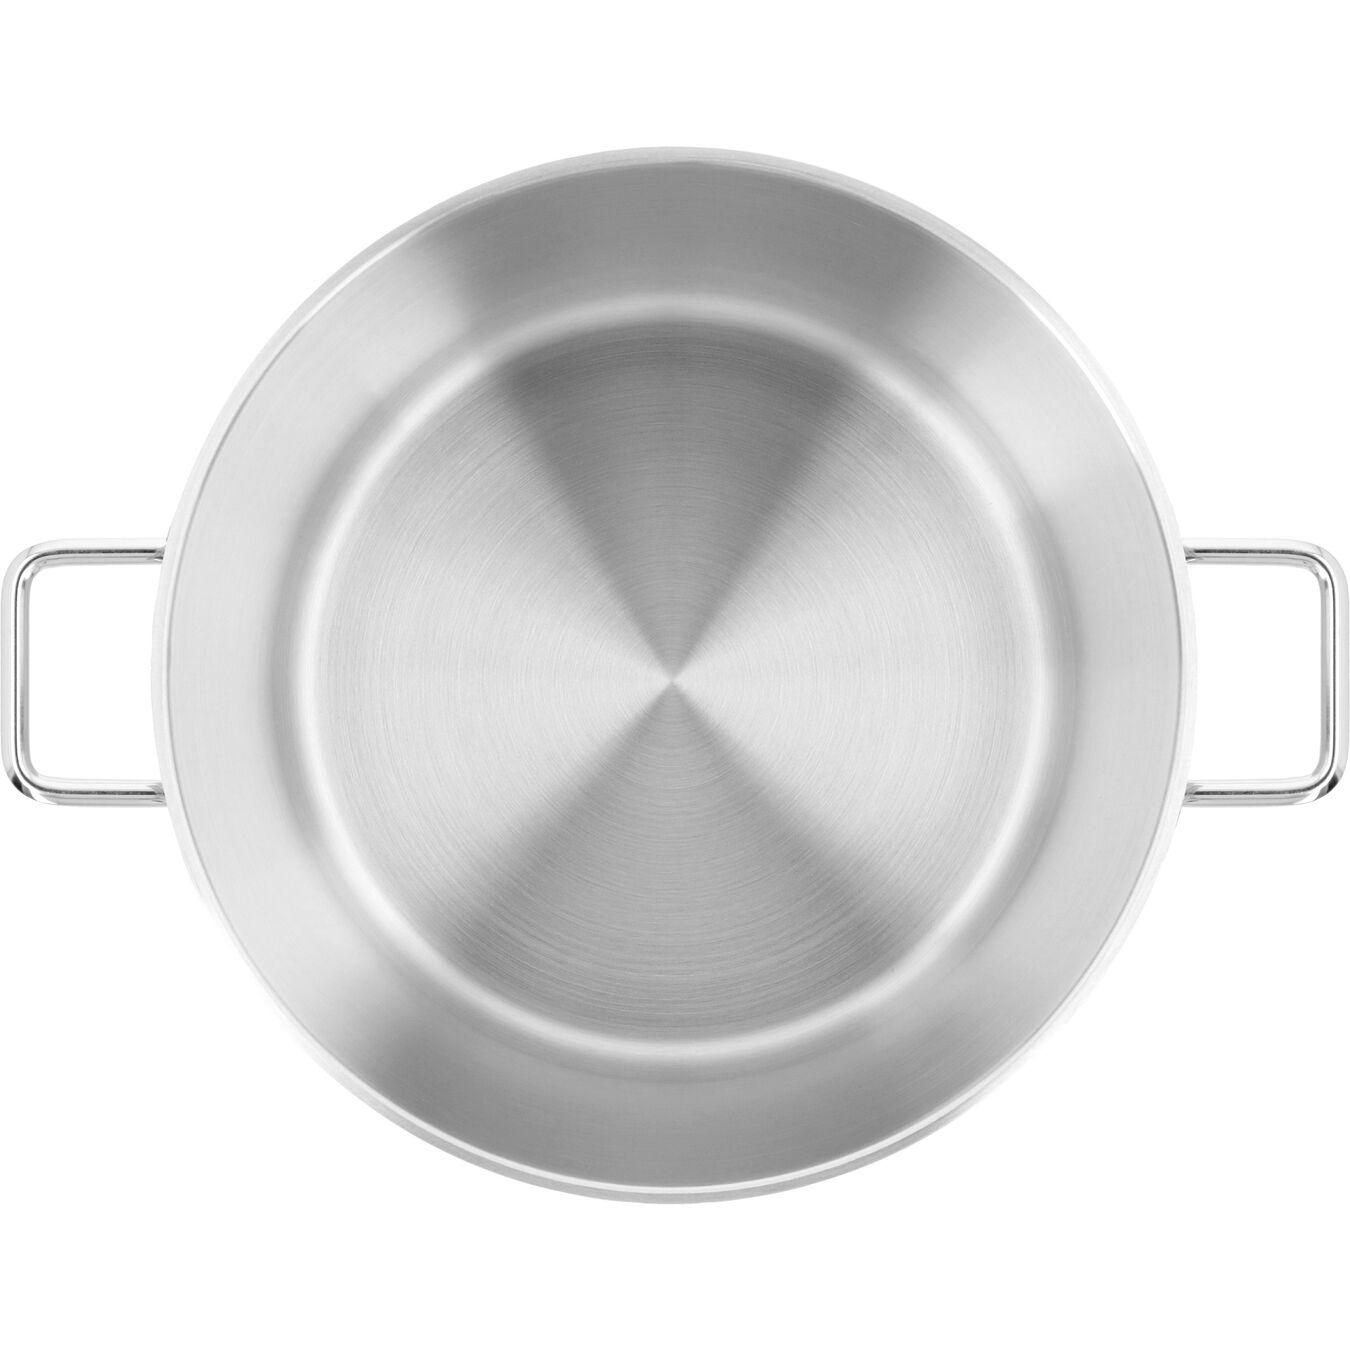 Suppegryde Med låg 36 cm, 18/10 rustfrit stål,,large 2